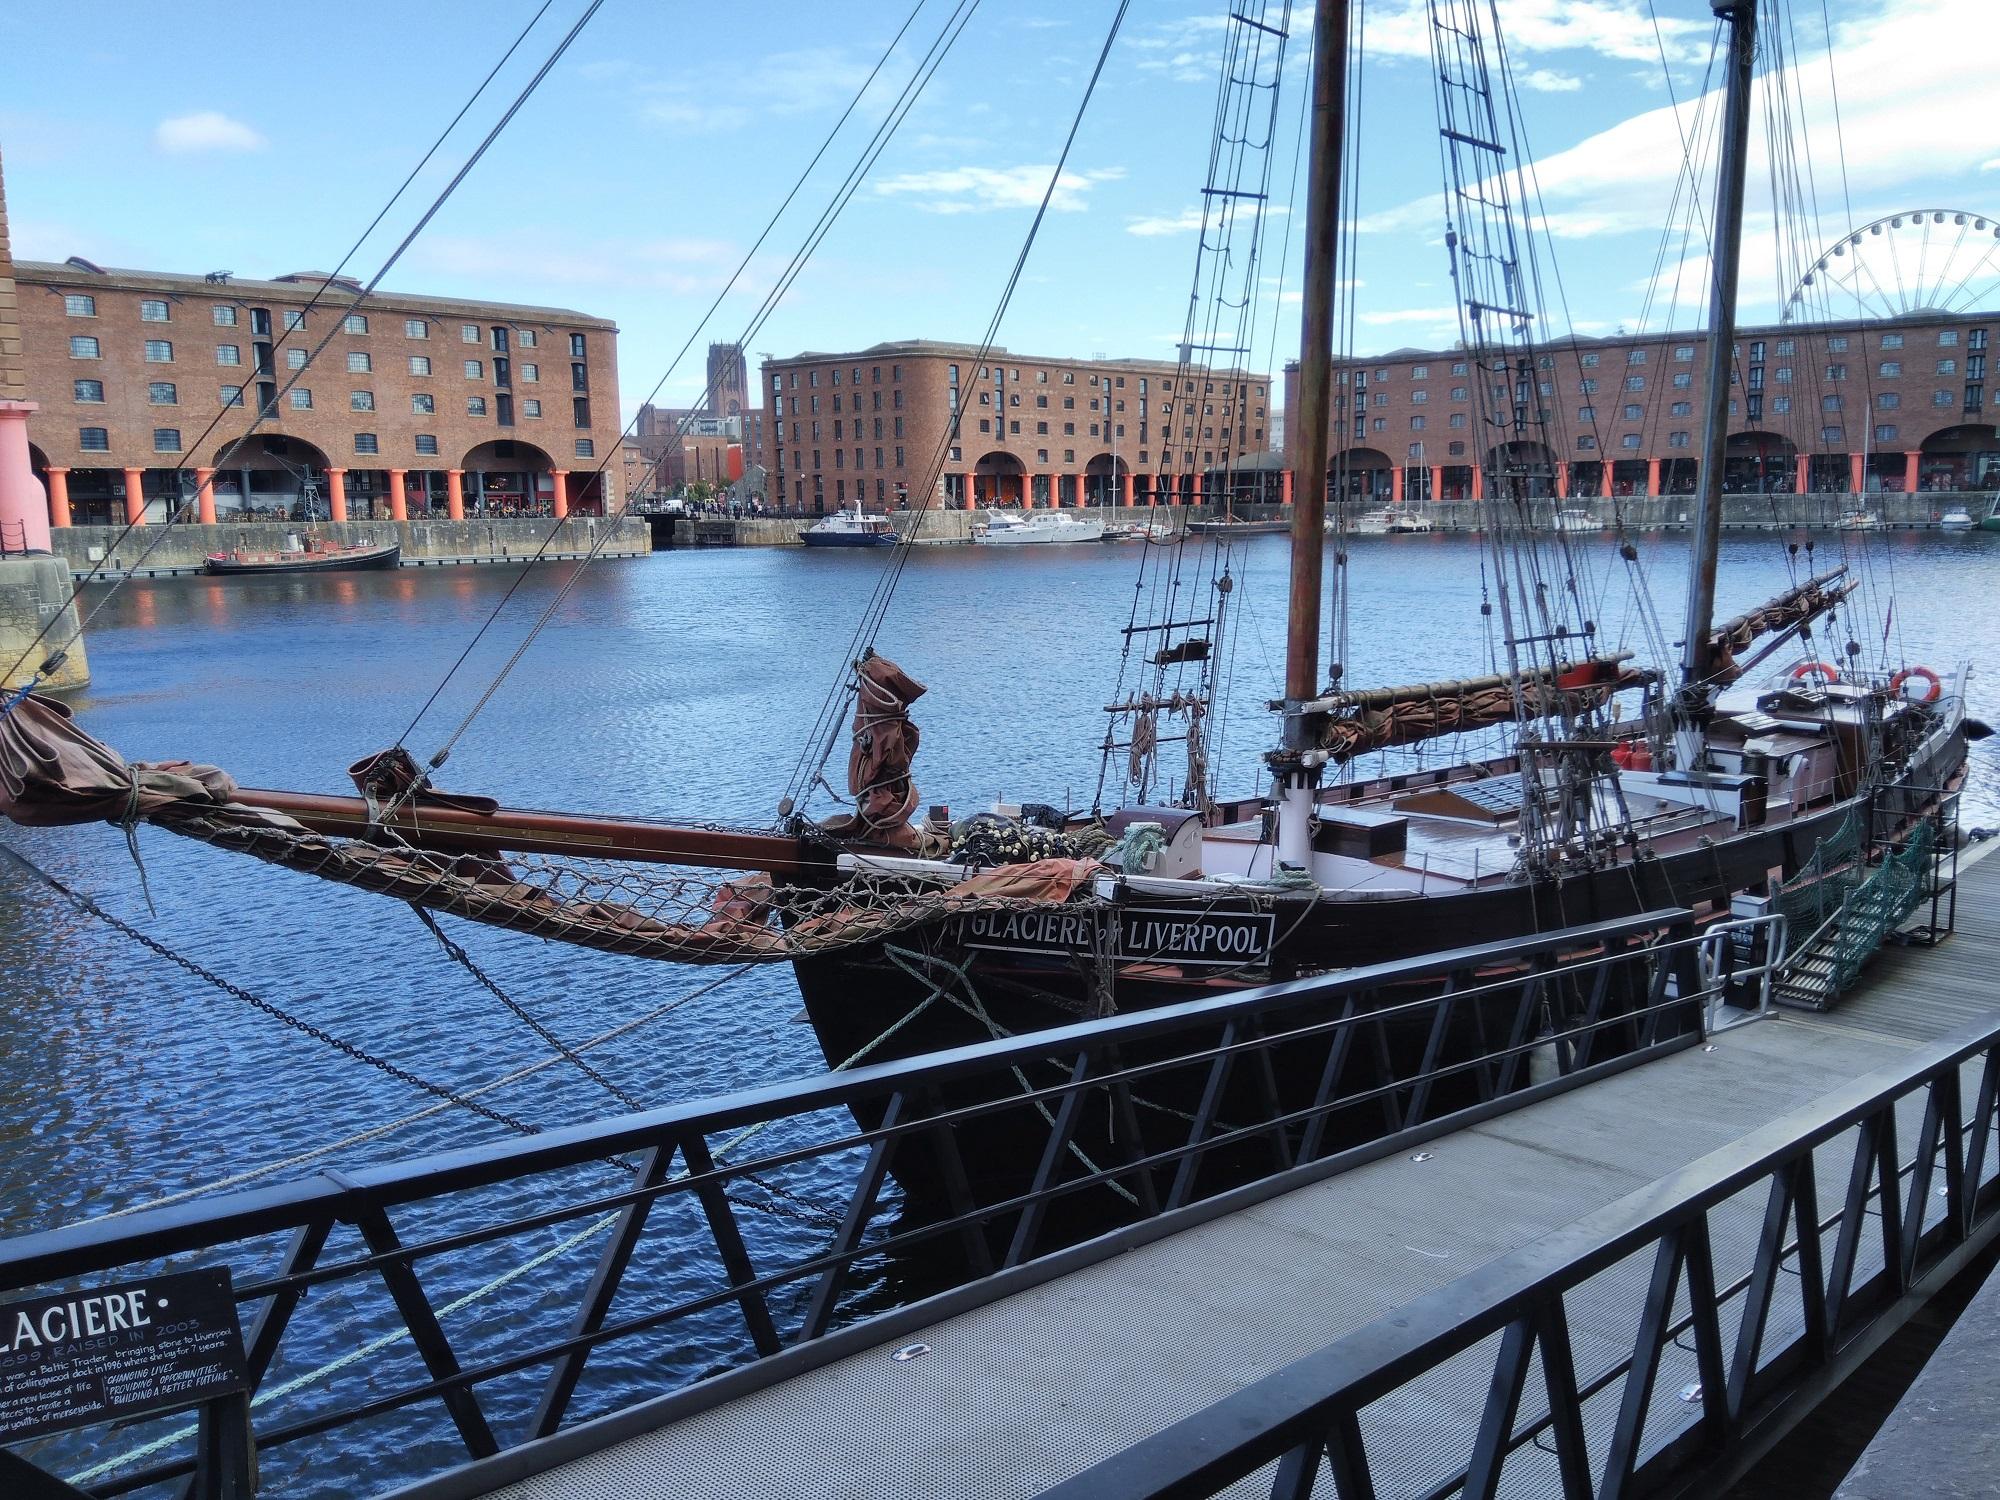 Liverpool's Albert Dock